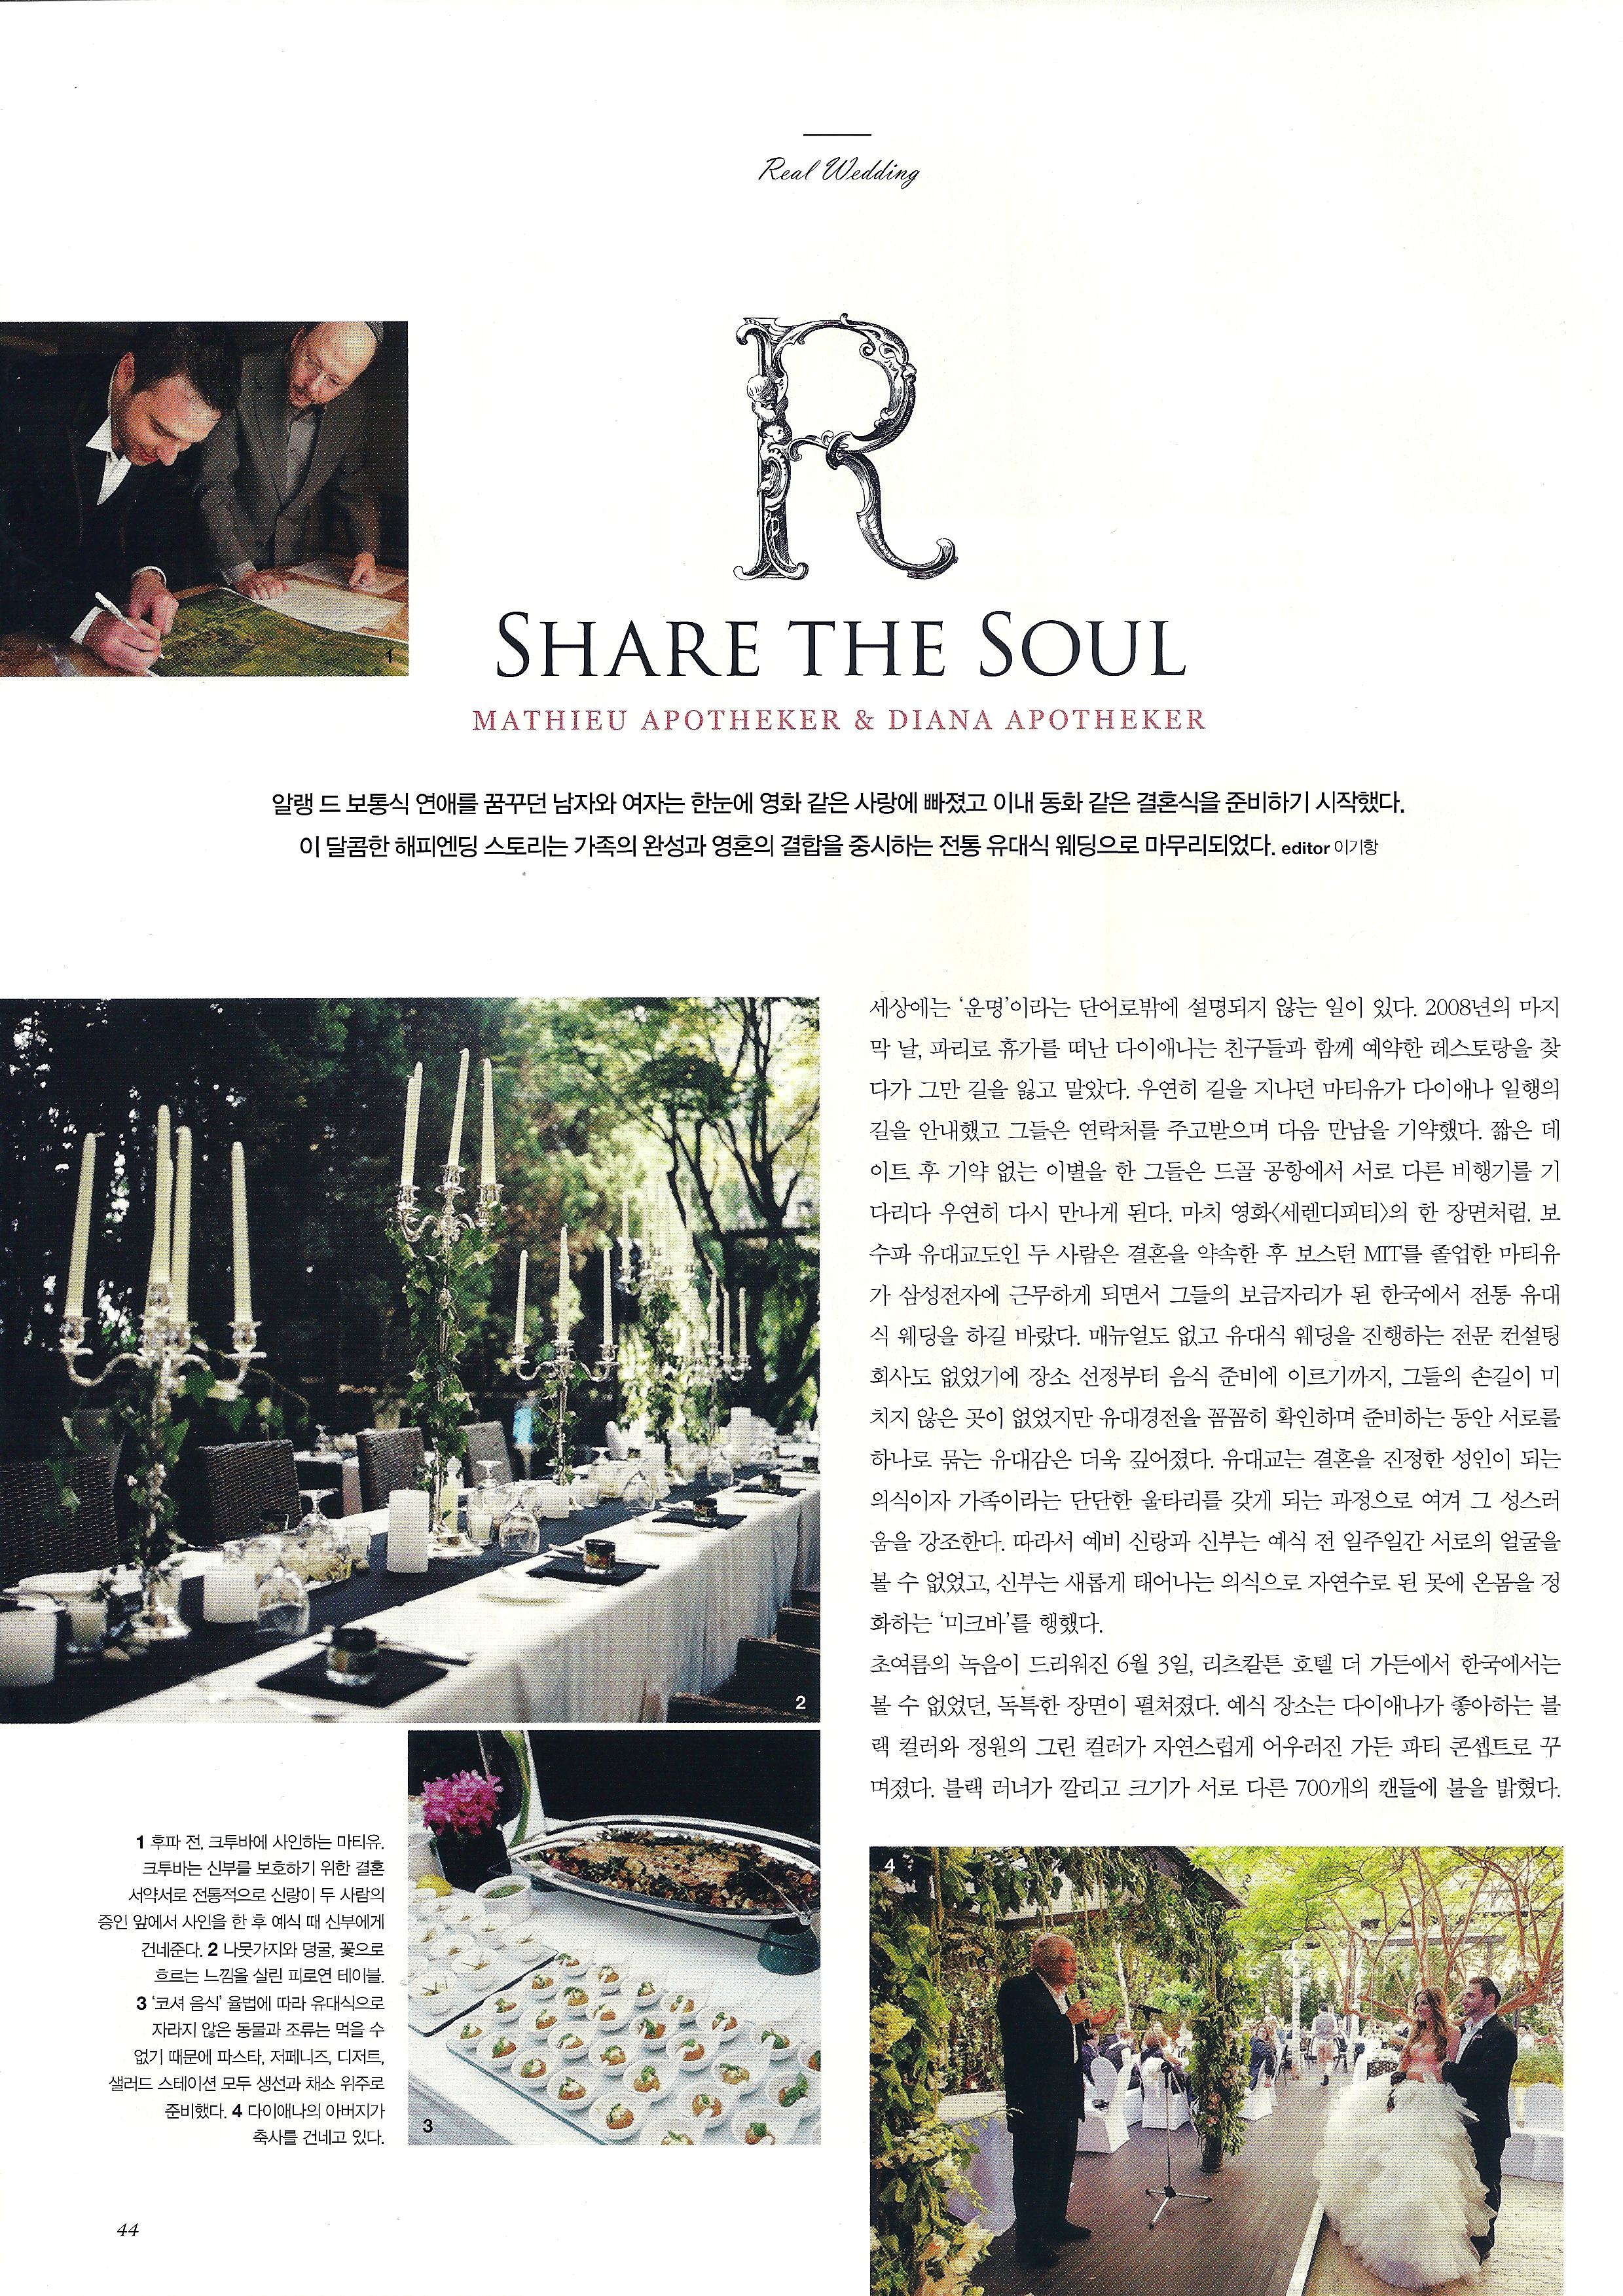 Share the Soul pg.1-1.jpg